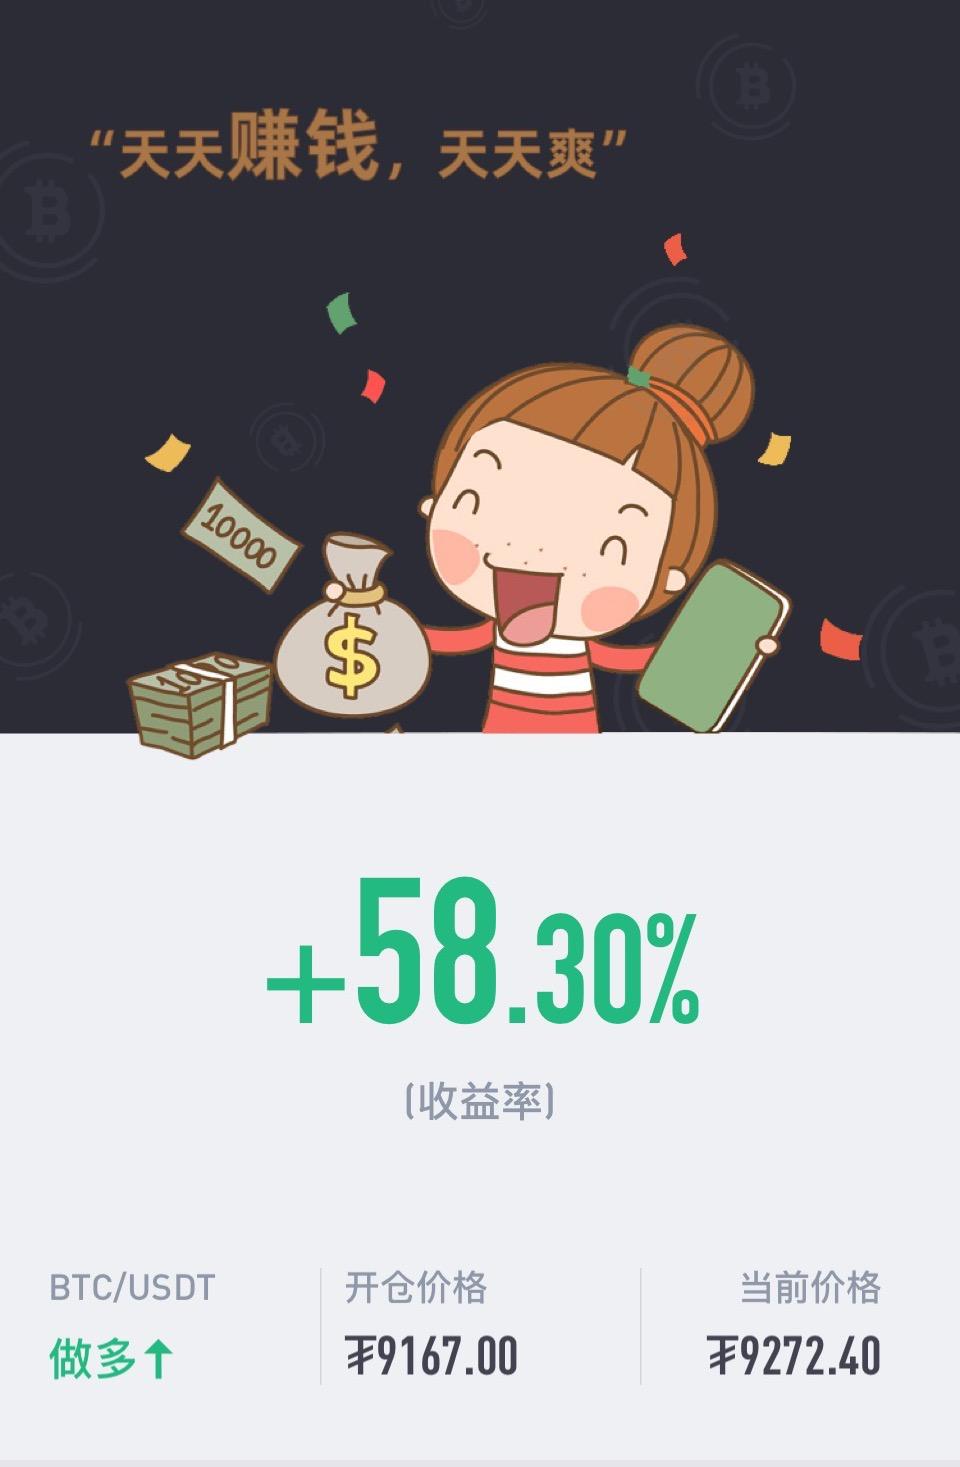 星悦论币:5.6BTC实盘短多再拿100+利润,日内短线多空已收割200+利润!